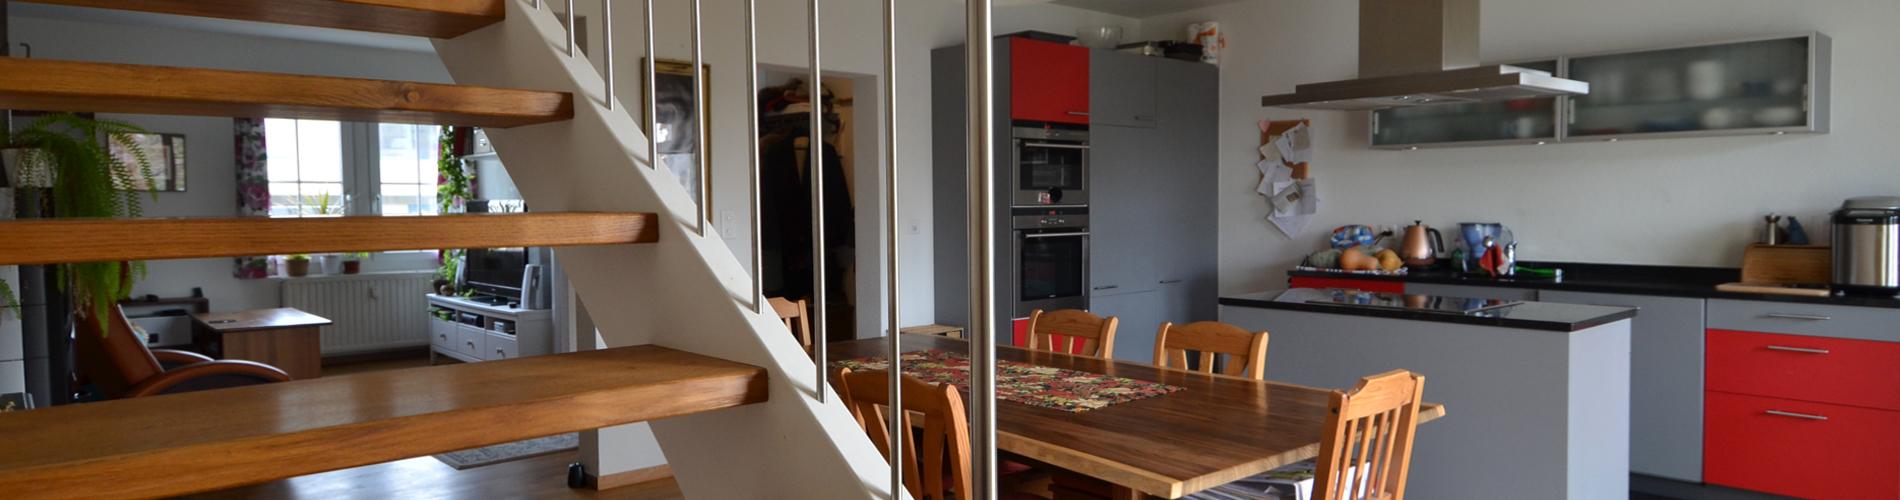 3-Zi'-Dach-Maisonette-Wohnung im beliebten Basler Iselin-Quartier